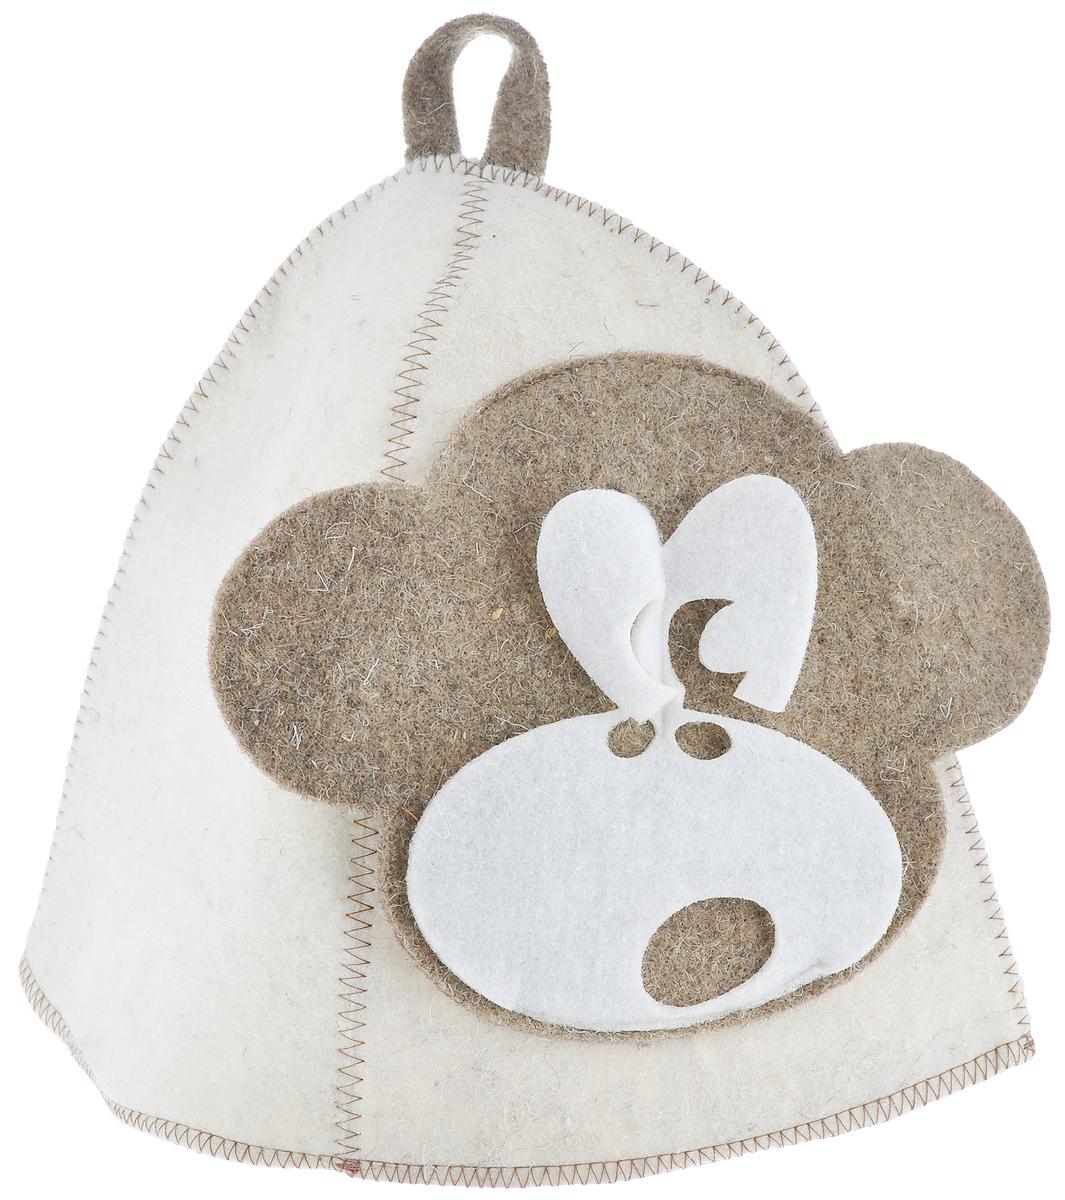 Шапка для бани и сауны Главбаня Обезьянка, войлокА342Банная шапка Главбаня Обезьянка изготовлена из высококачественного войлока и декорирована аппликацией в виде обезьяны. Банная шапка - это незаменимый аксессуар для любителей попариться в русской бане и для тех, кто предпочитает сухой жар финской бани. Кроме того, шапка защитит волосы от сухости и ломкости, голову от перегрева и предотвратит появление головокружения. На шапке имеется петелька, с помощью которой ее можно повесить на крючок в предбаннике. Такая шапка станет отличным подарком для любителей отдыха в бане или сауне. Обхват головы: 67 см. Высота шапки: 23 см. Материал: войлок (50% шерсть, 50% полиэфир).